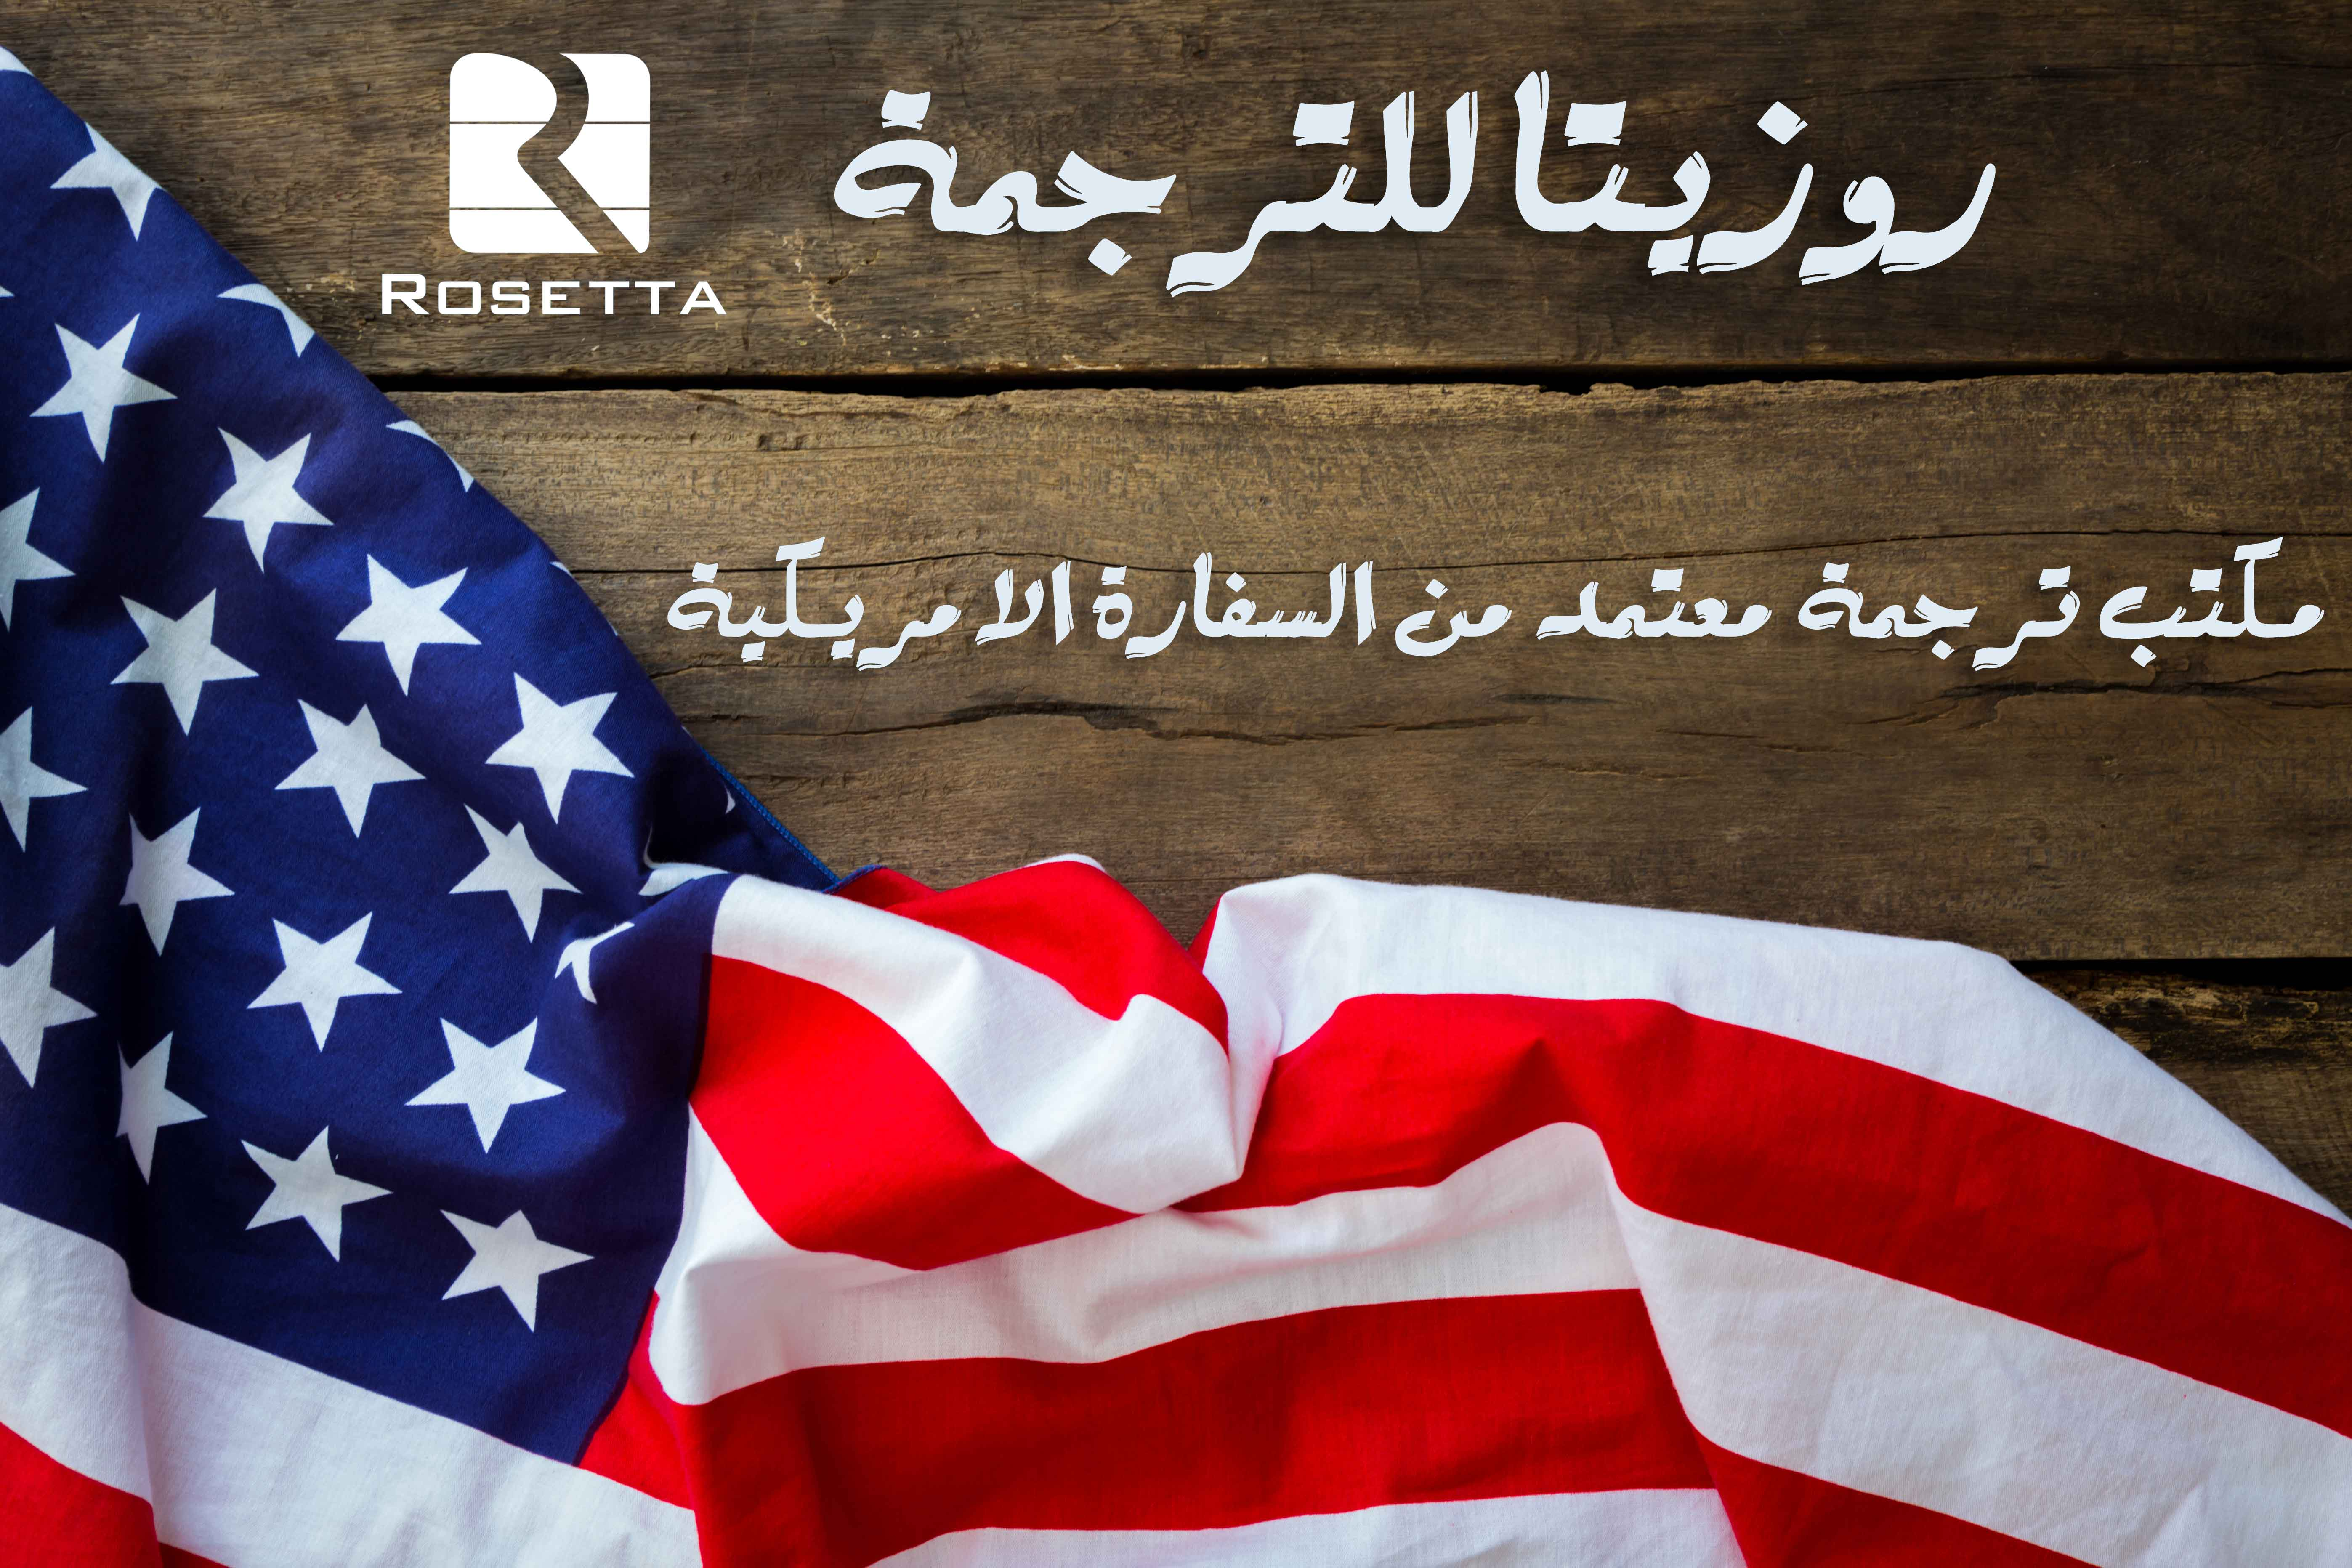 مترجمين معتمدين للسفارة الامريكية